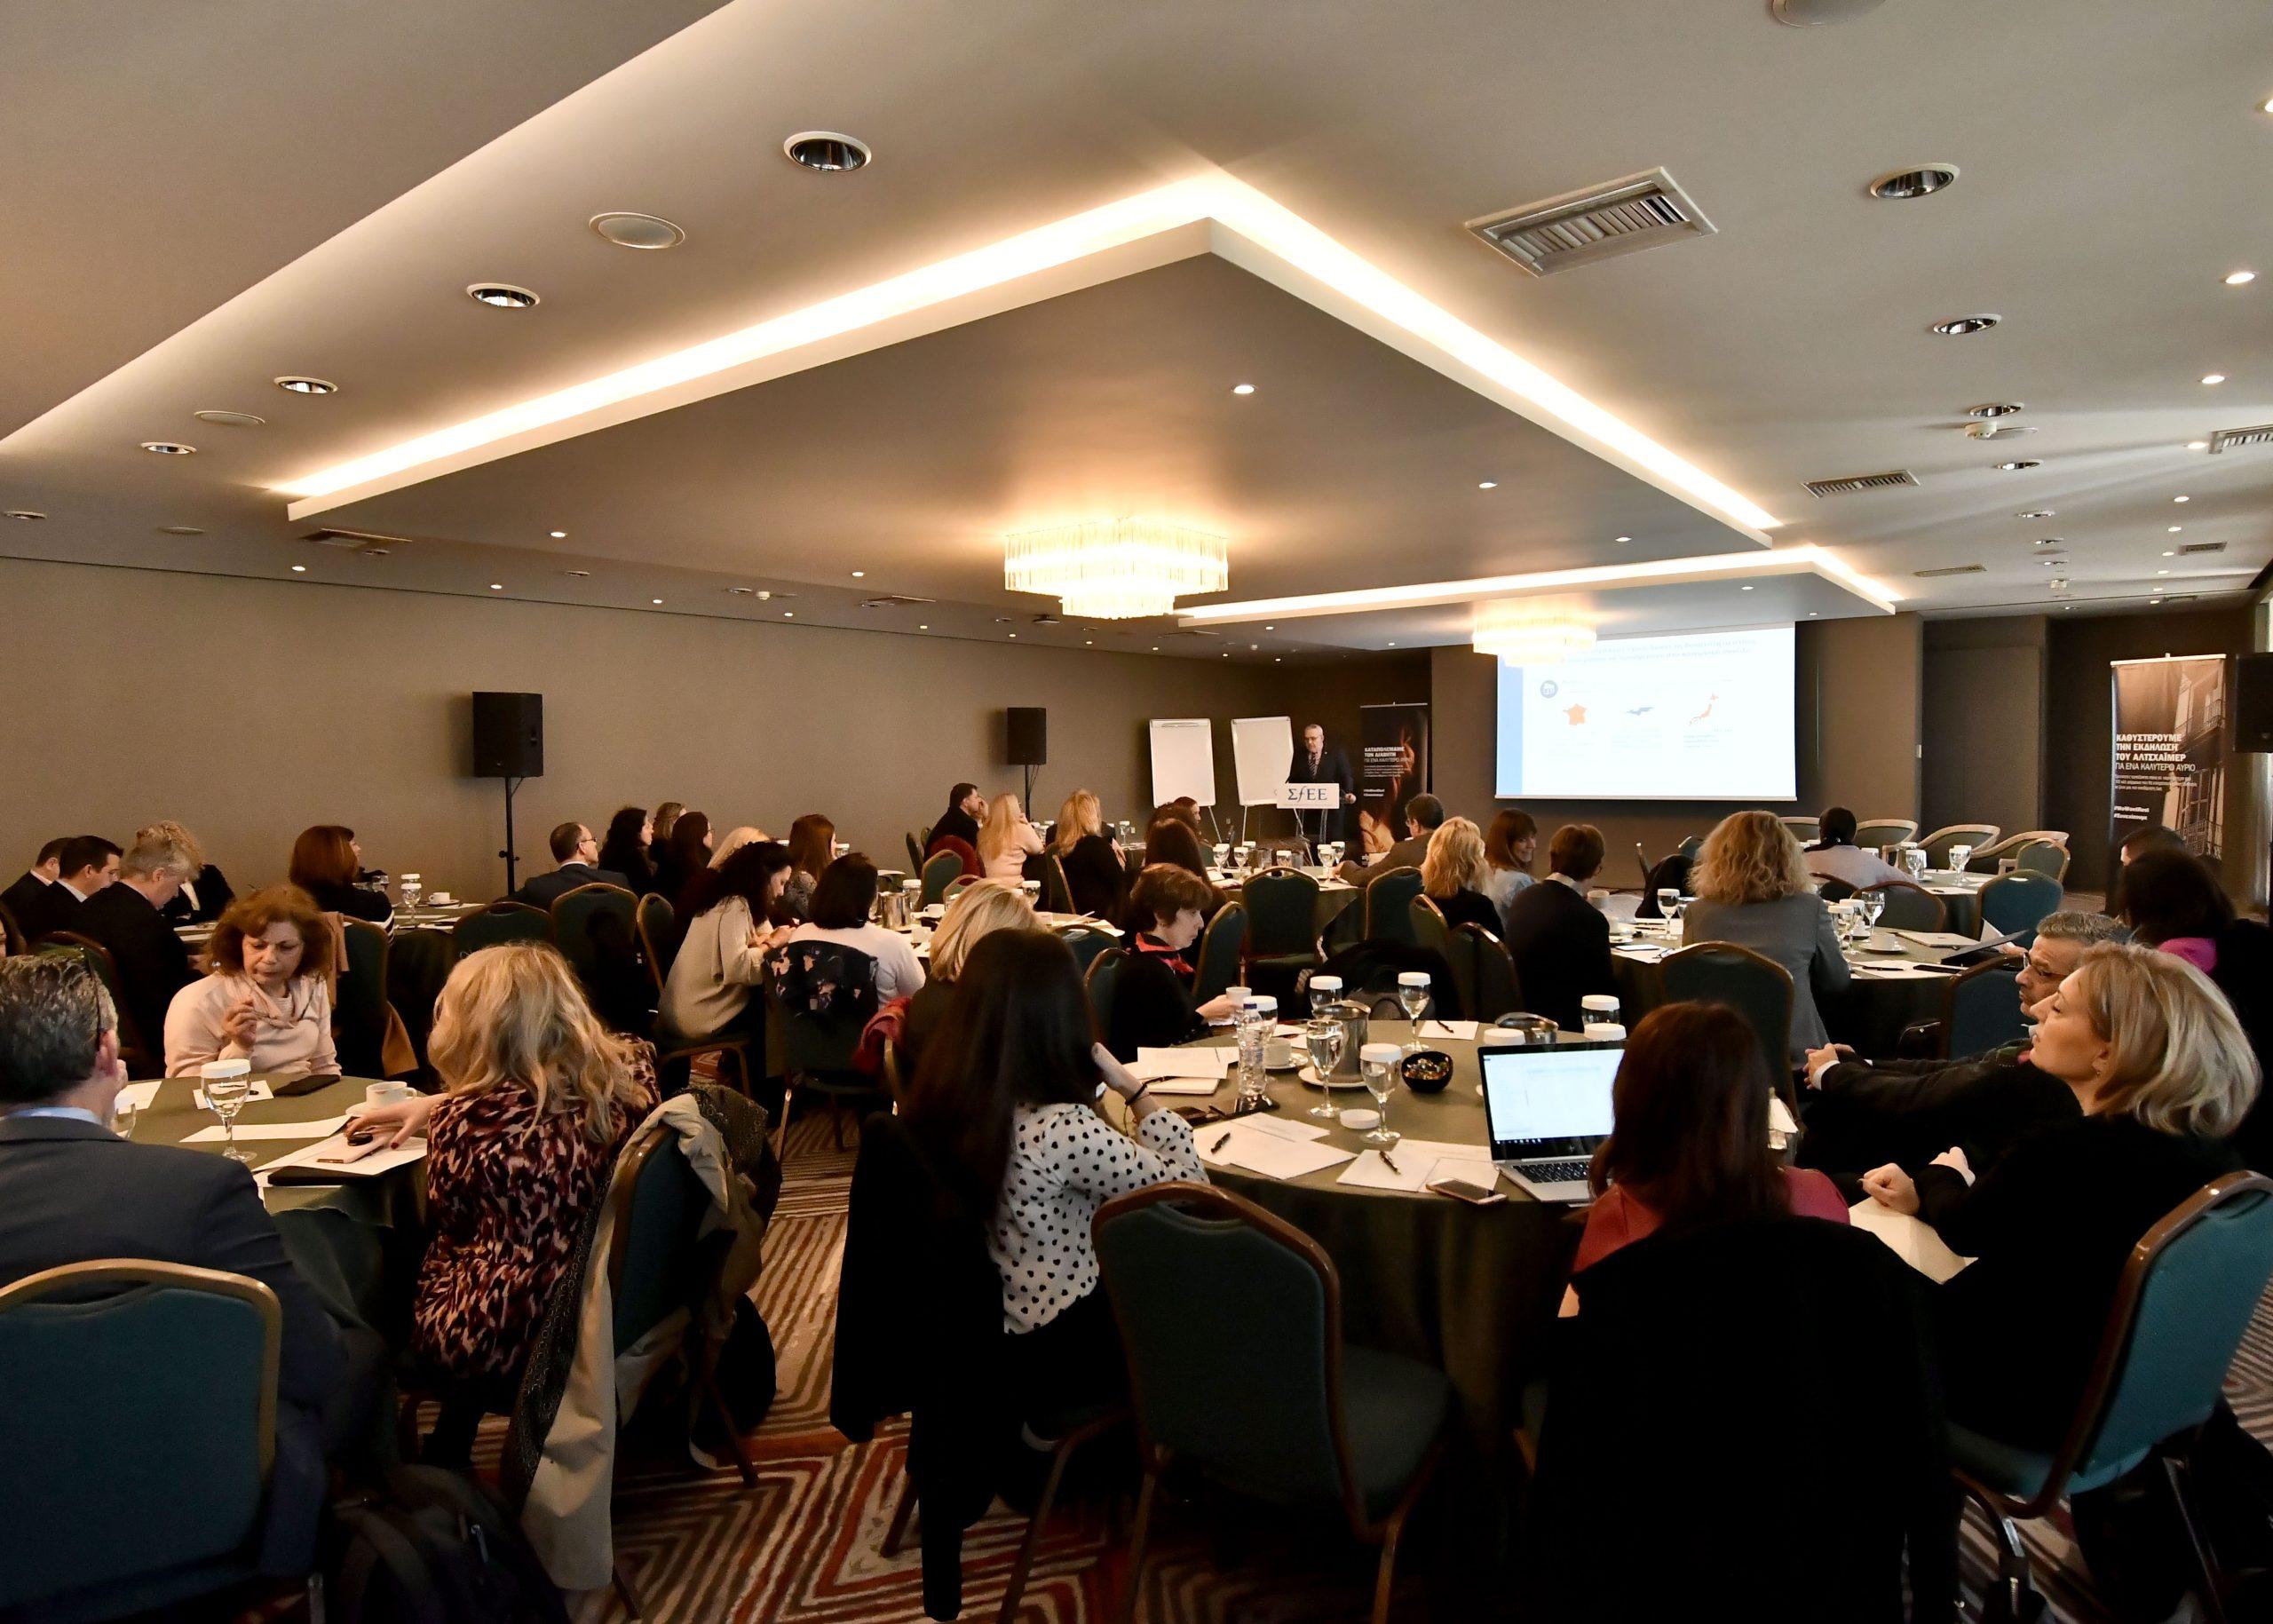 2η Ημερίδα ΣΦΕΕ- EFPIA με Ενώσεις Ασθενών: Συνεργασία για την αντιμετώπιση κοινών θεμάτων και τη χάραξη νέας πολιτικής στην υγεία